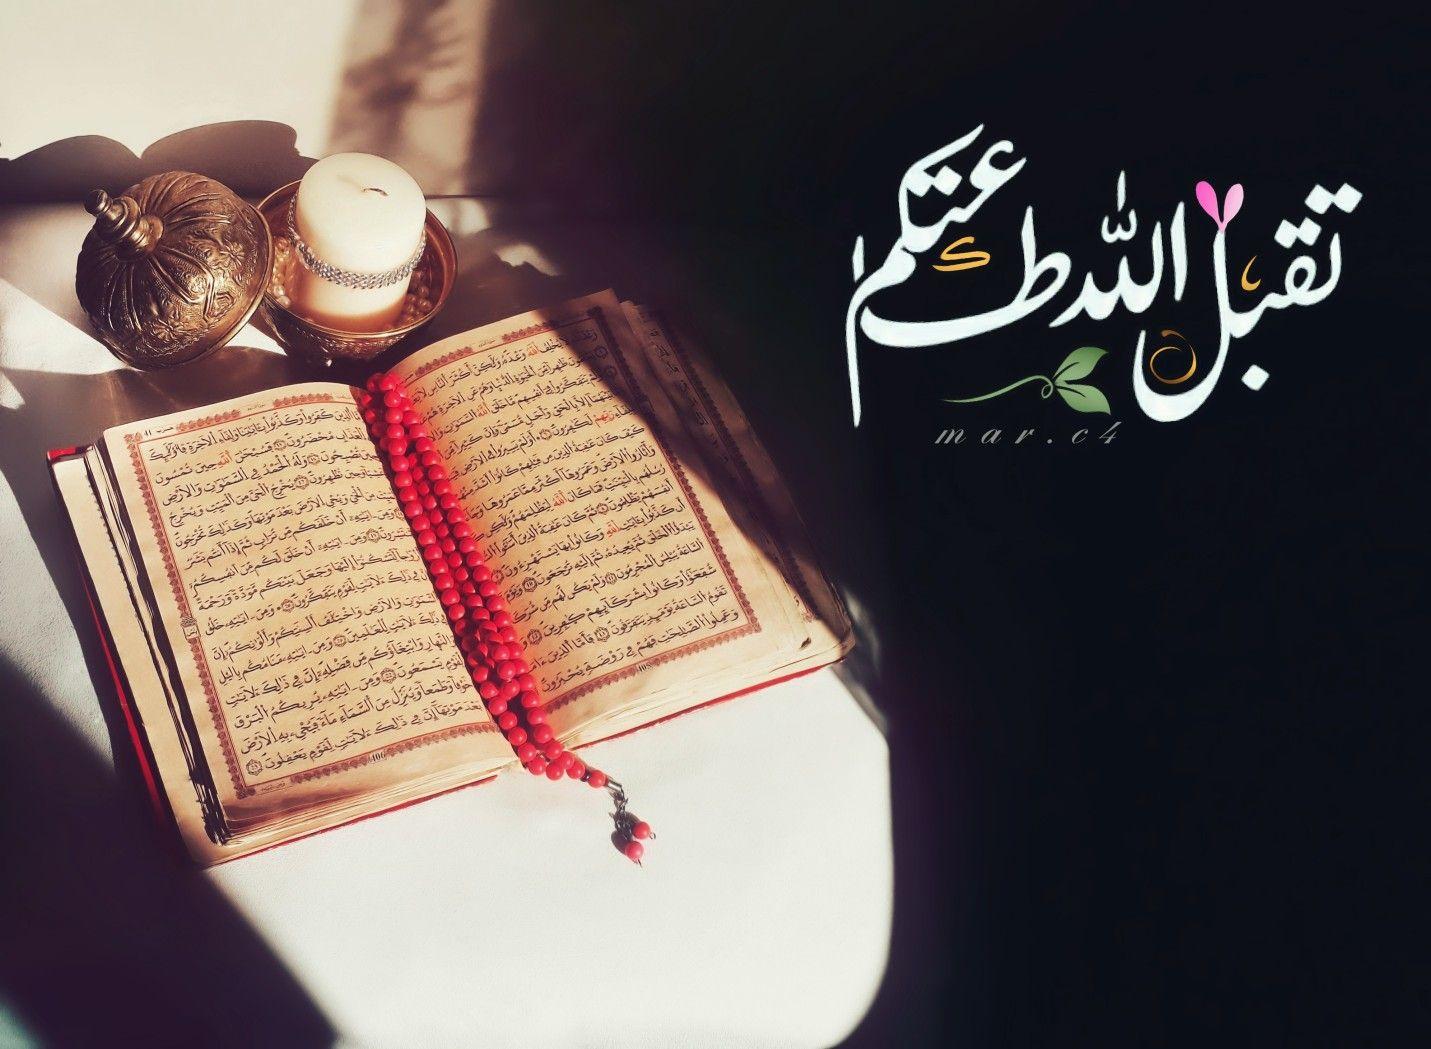 تقبل الله طاعتكم رمضان شهر الخير دعاء Arabic Quotes Cards Playing Cards